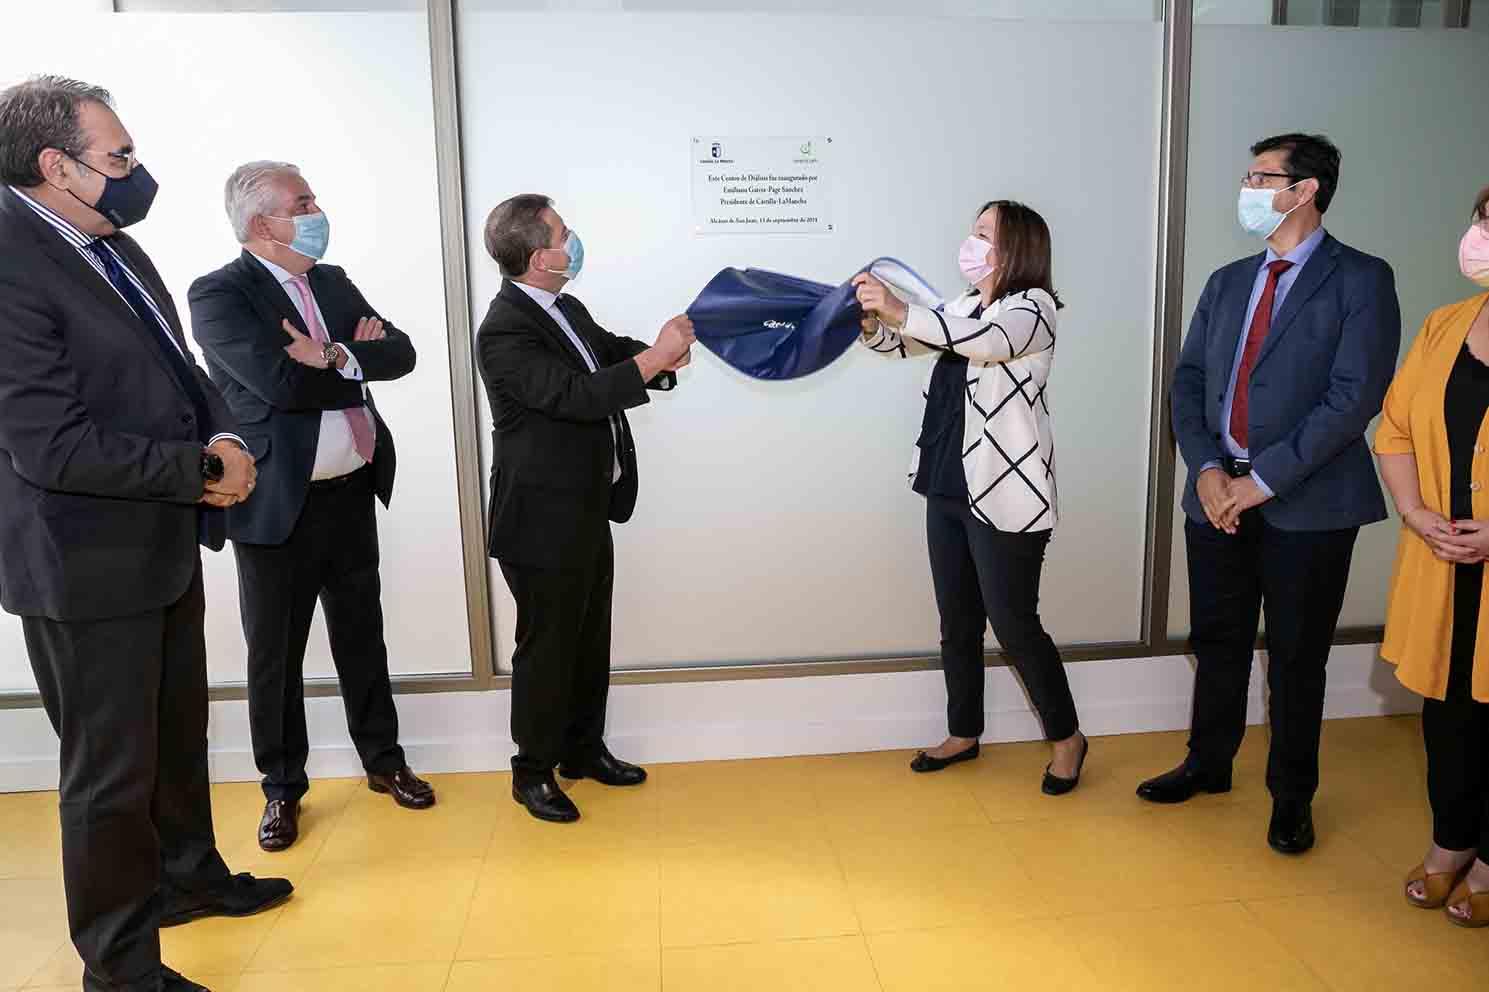 Inauguración del nuevo centro externo de diálisis en Alcázar de San Juan.